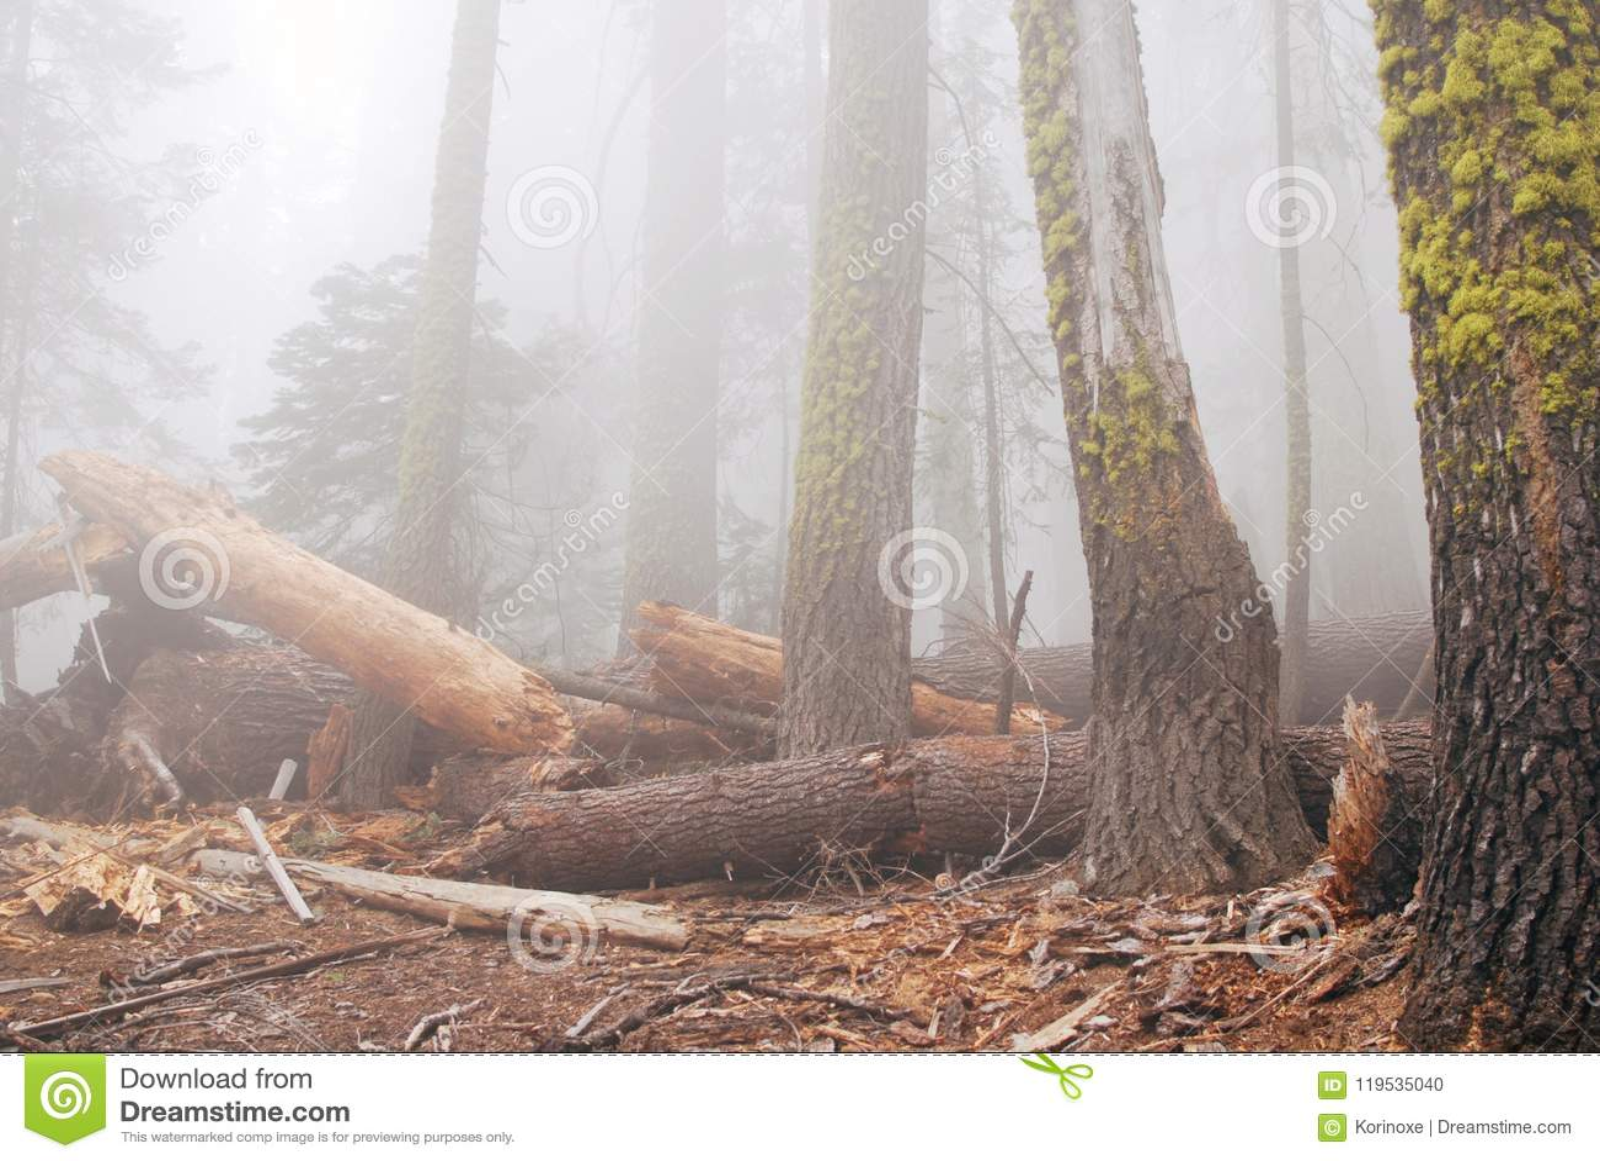 Bosque viejo en niebla densa